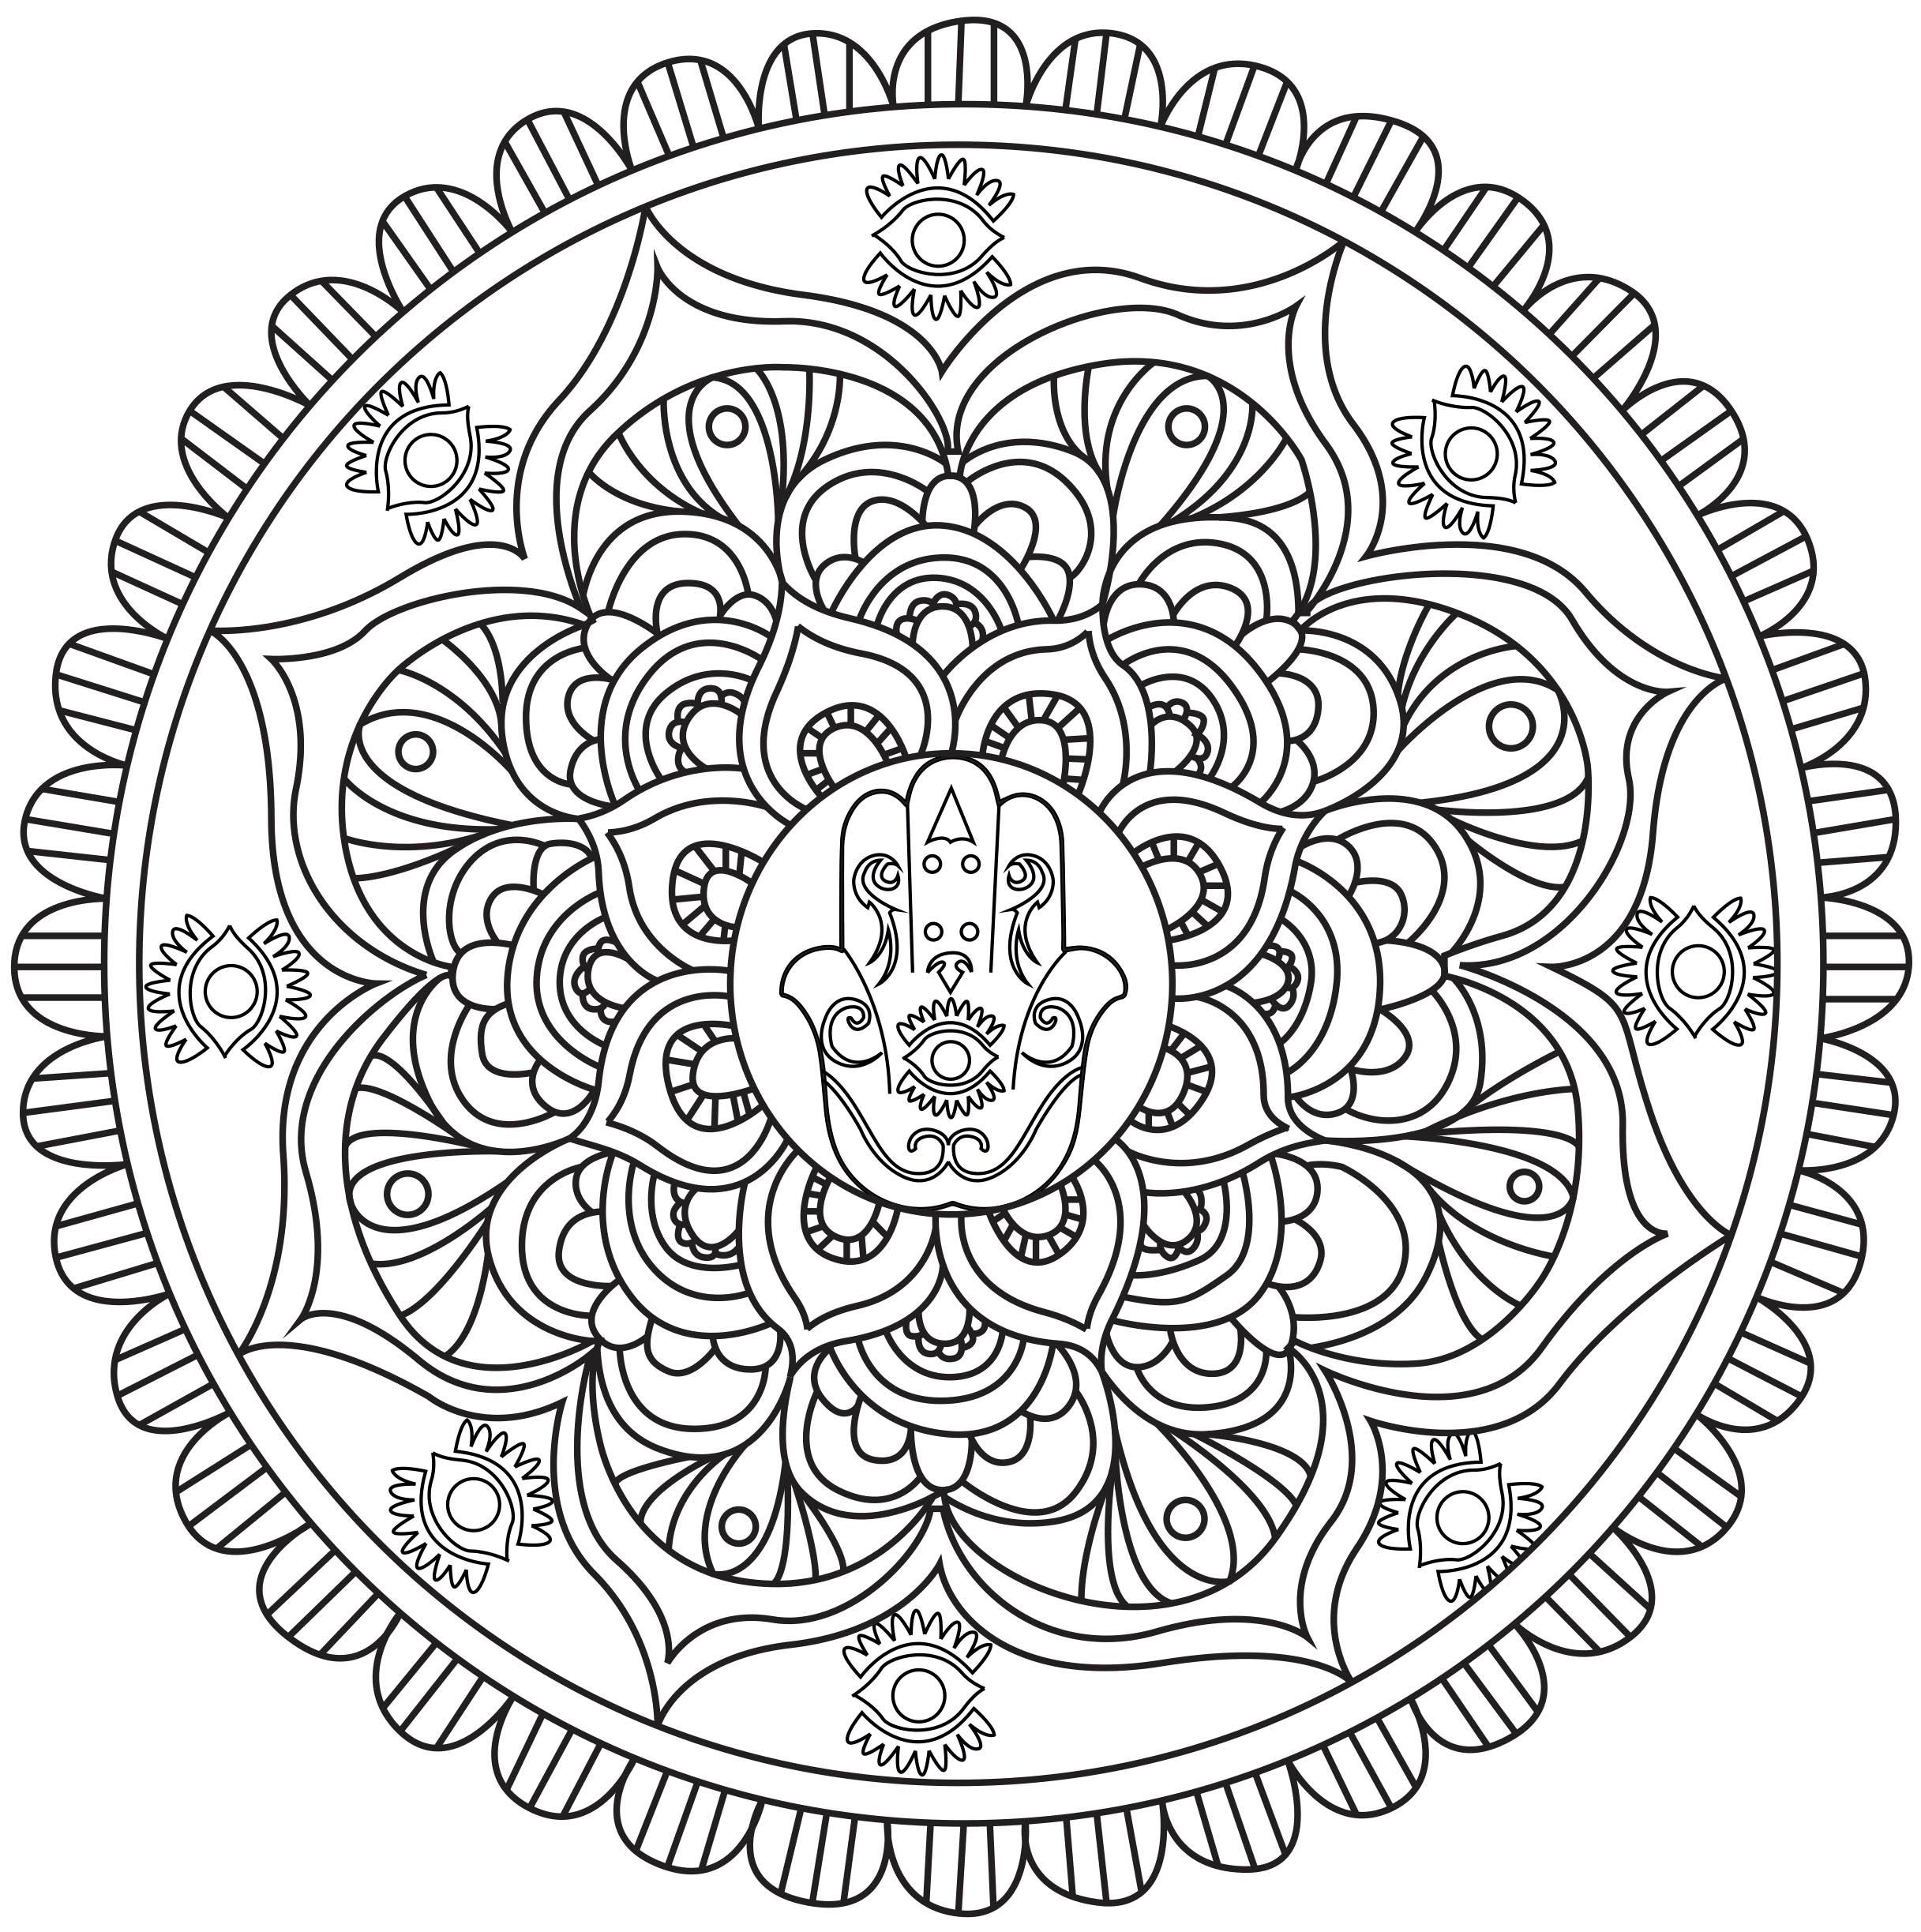 La main de Fatma est une amulette protégeant contre le mauvais oeil. Ce n'est pas un symbole religieux : chaque culture y a associé une symbolique différente.